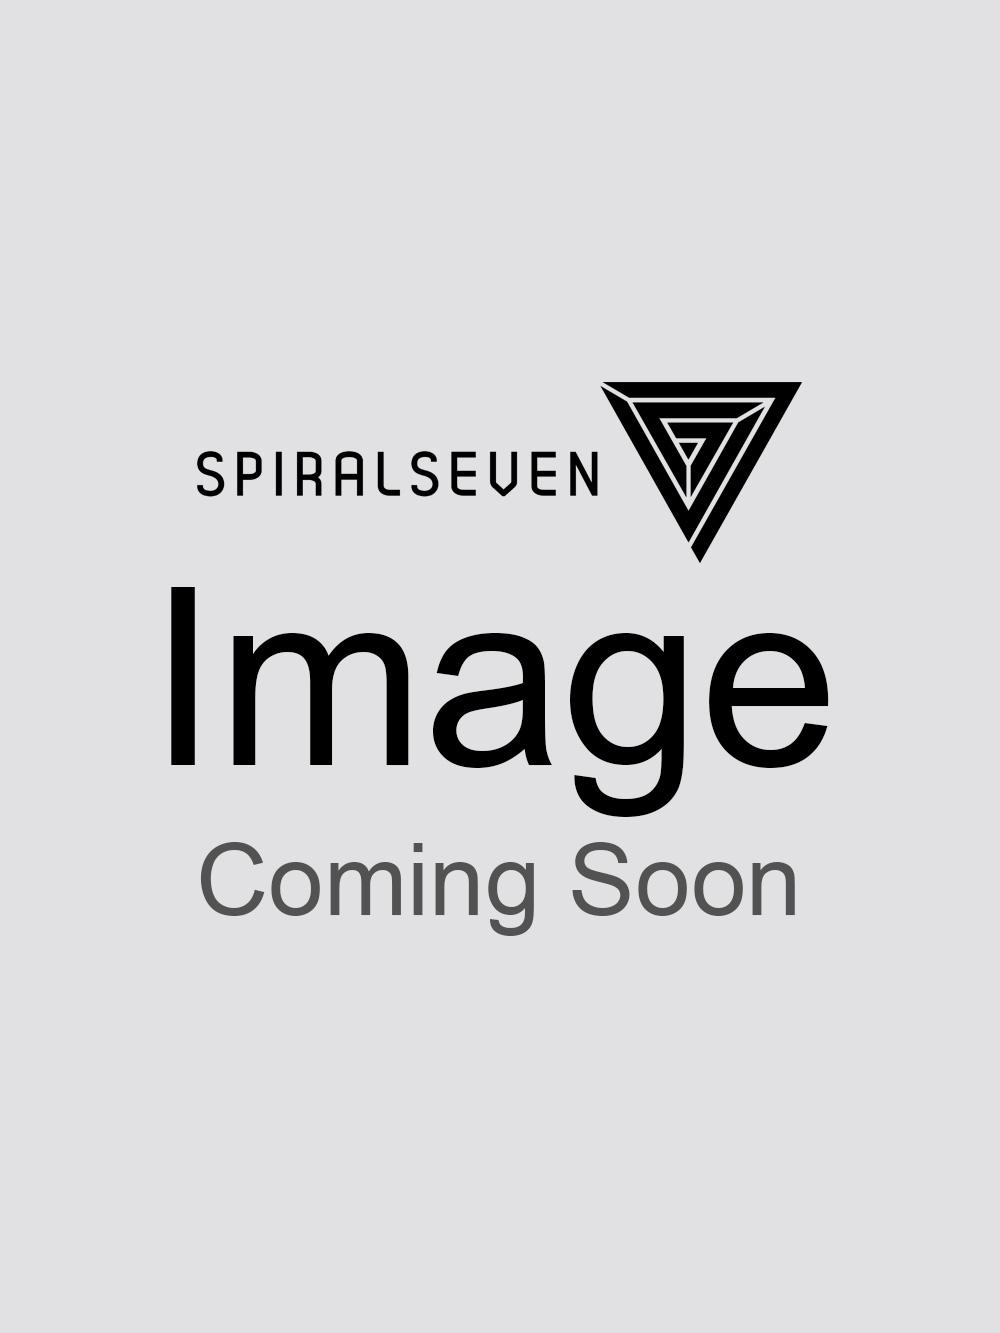 093e1e7b41c2 Sergio Tacchini Dallas Track Top Jacket Navy/White & Red | Spiral Seven -  Designer Clothing